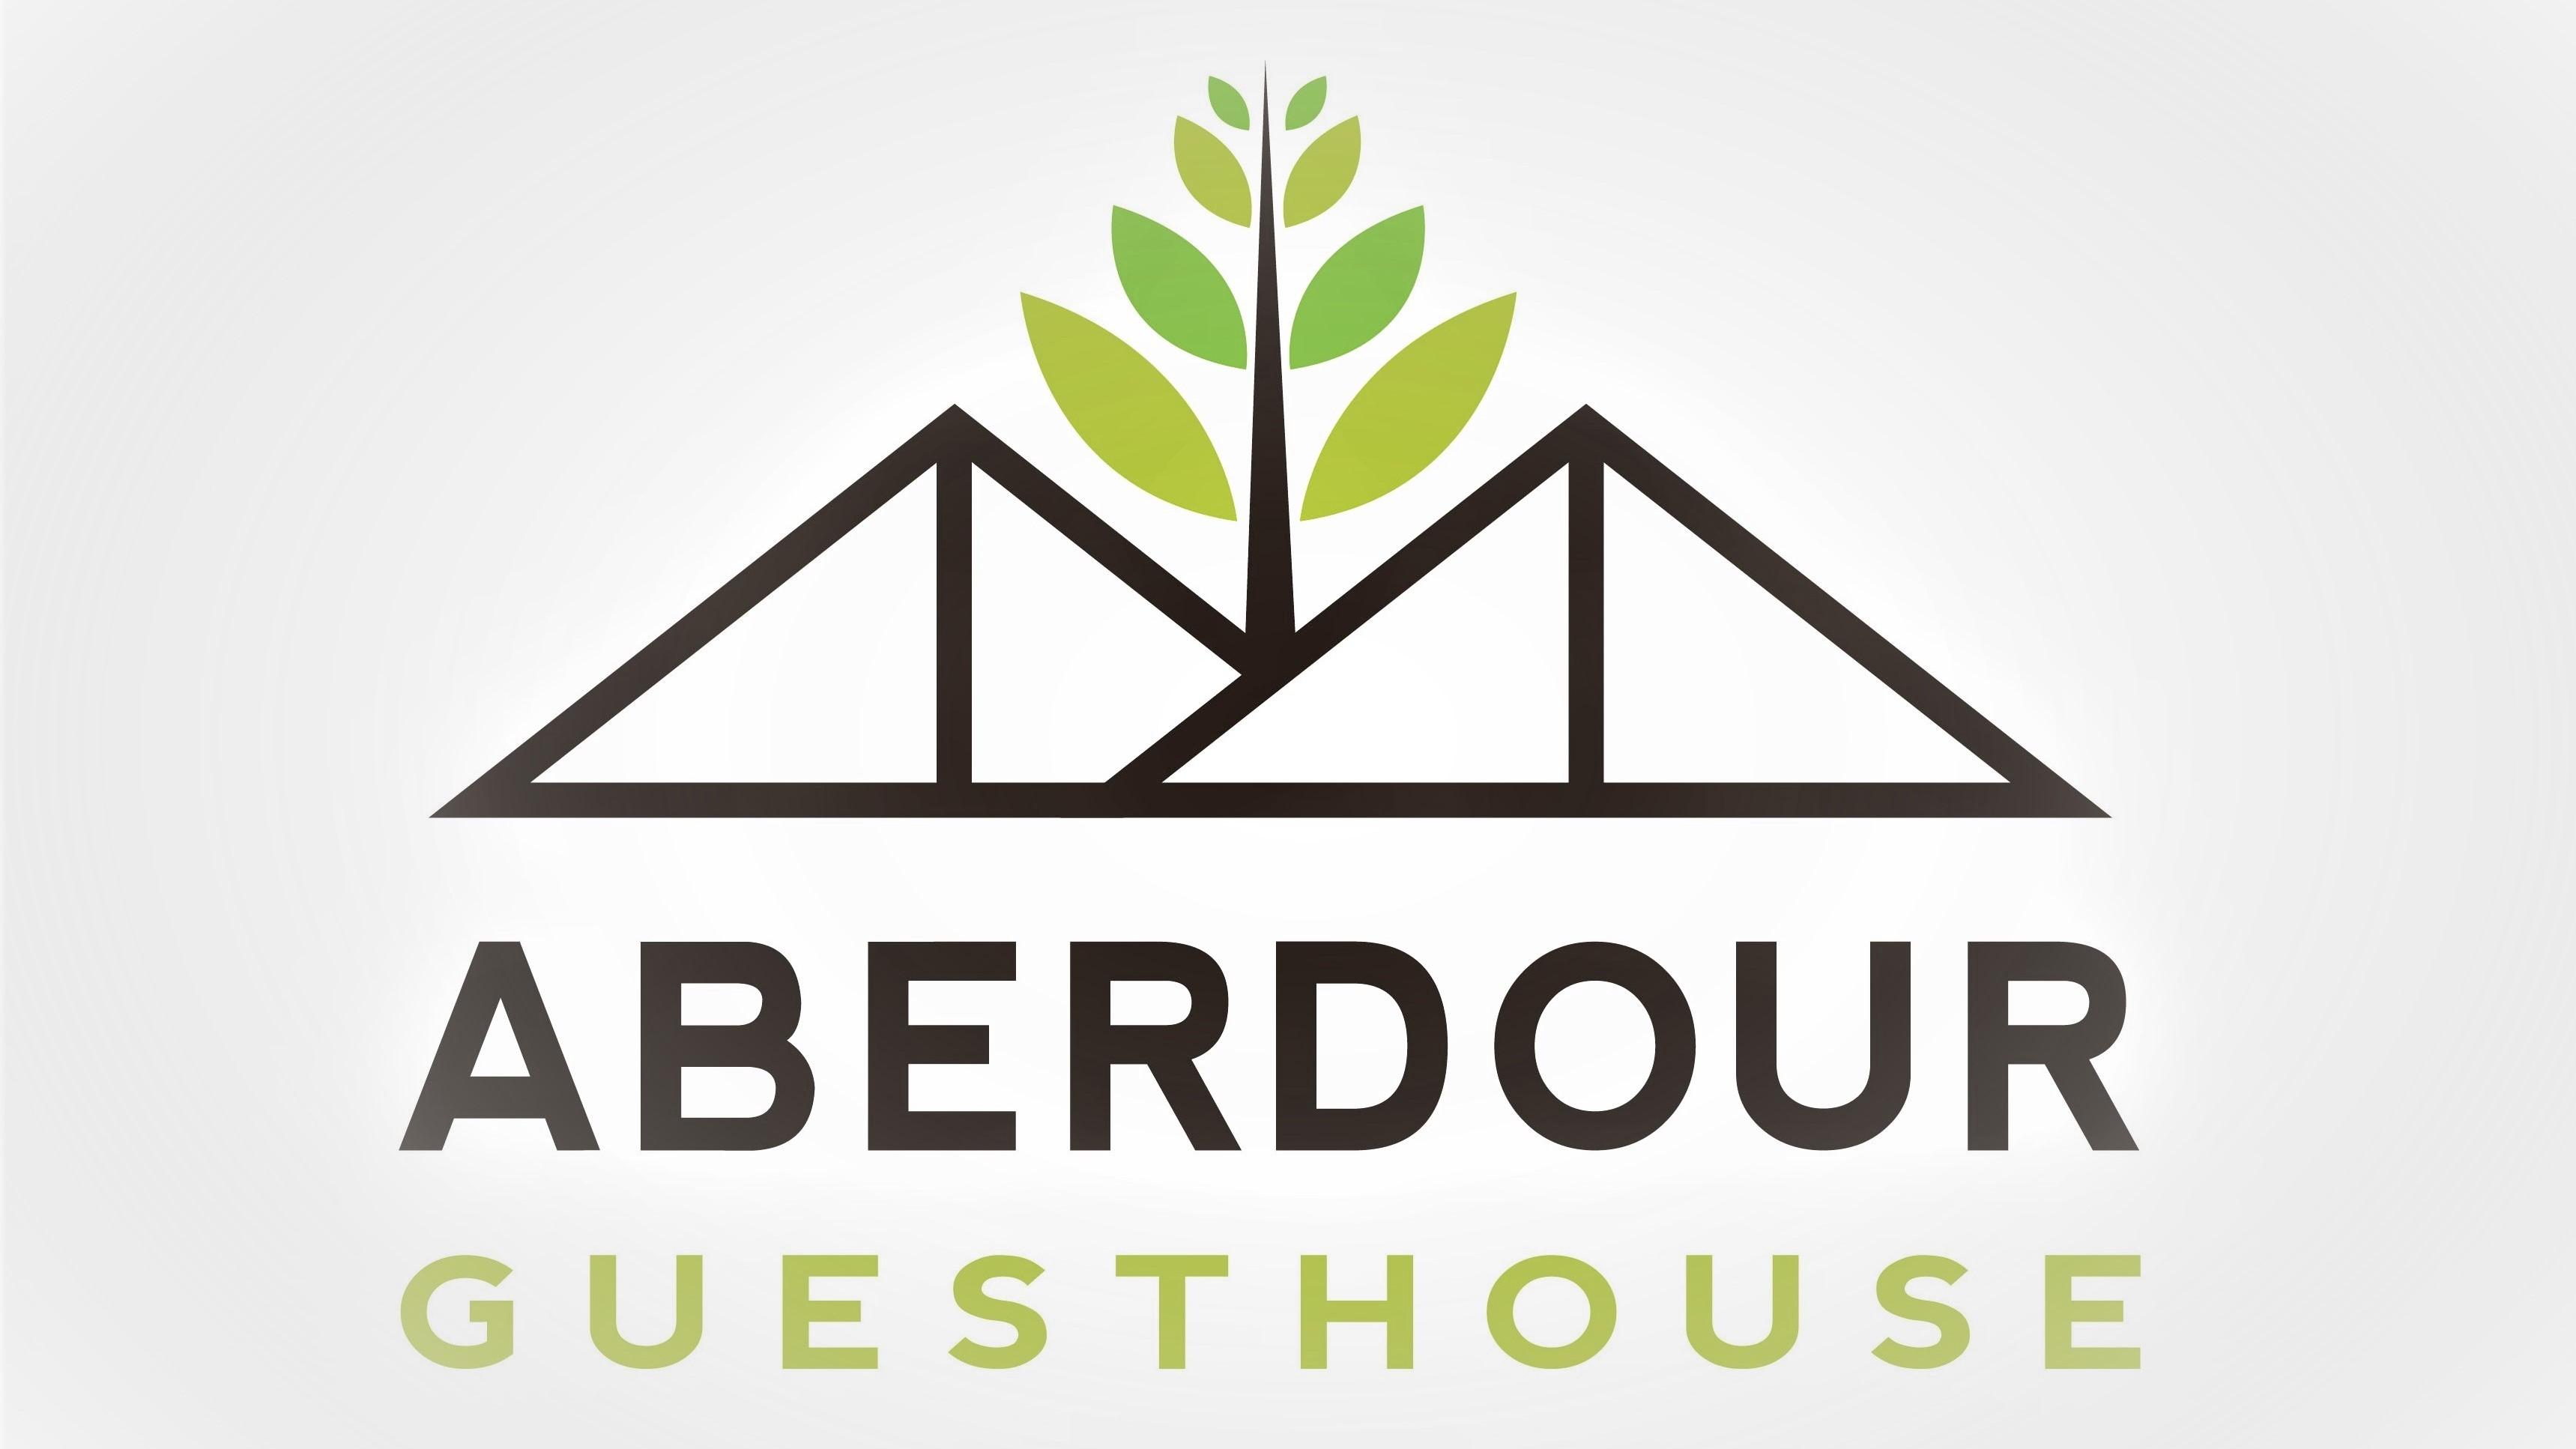 Aberdour Guesthouse